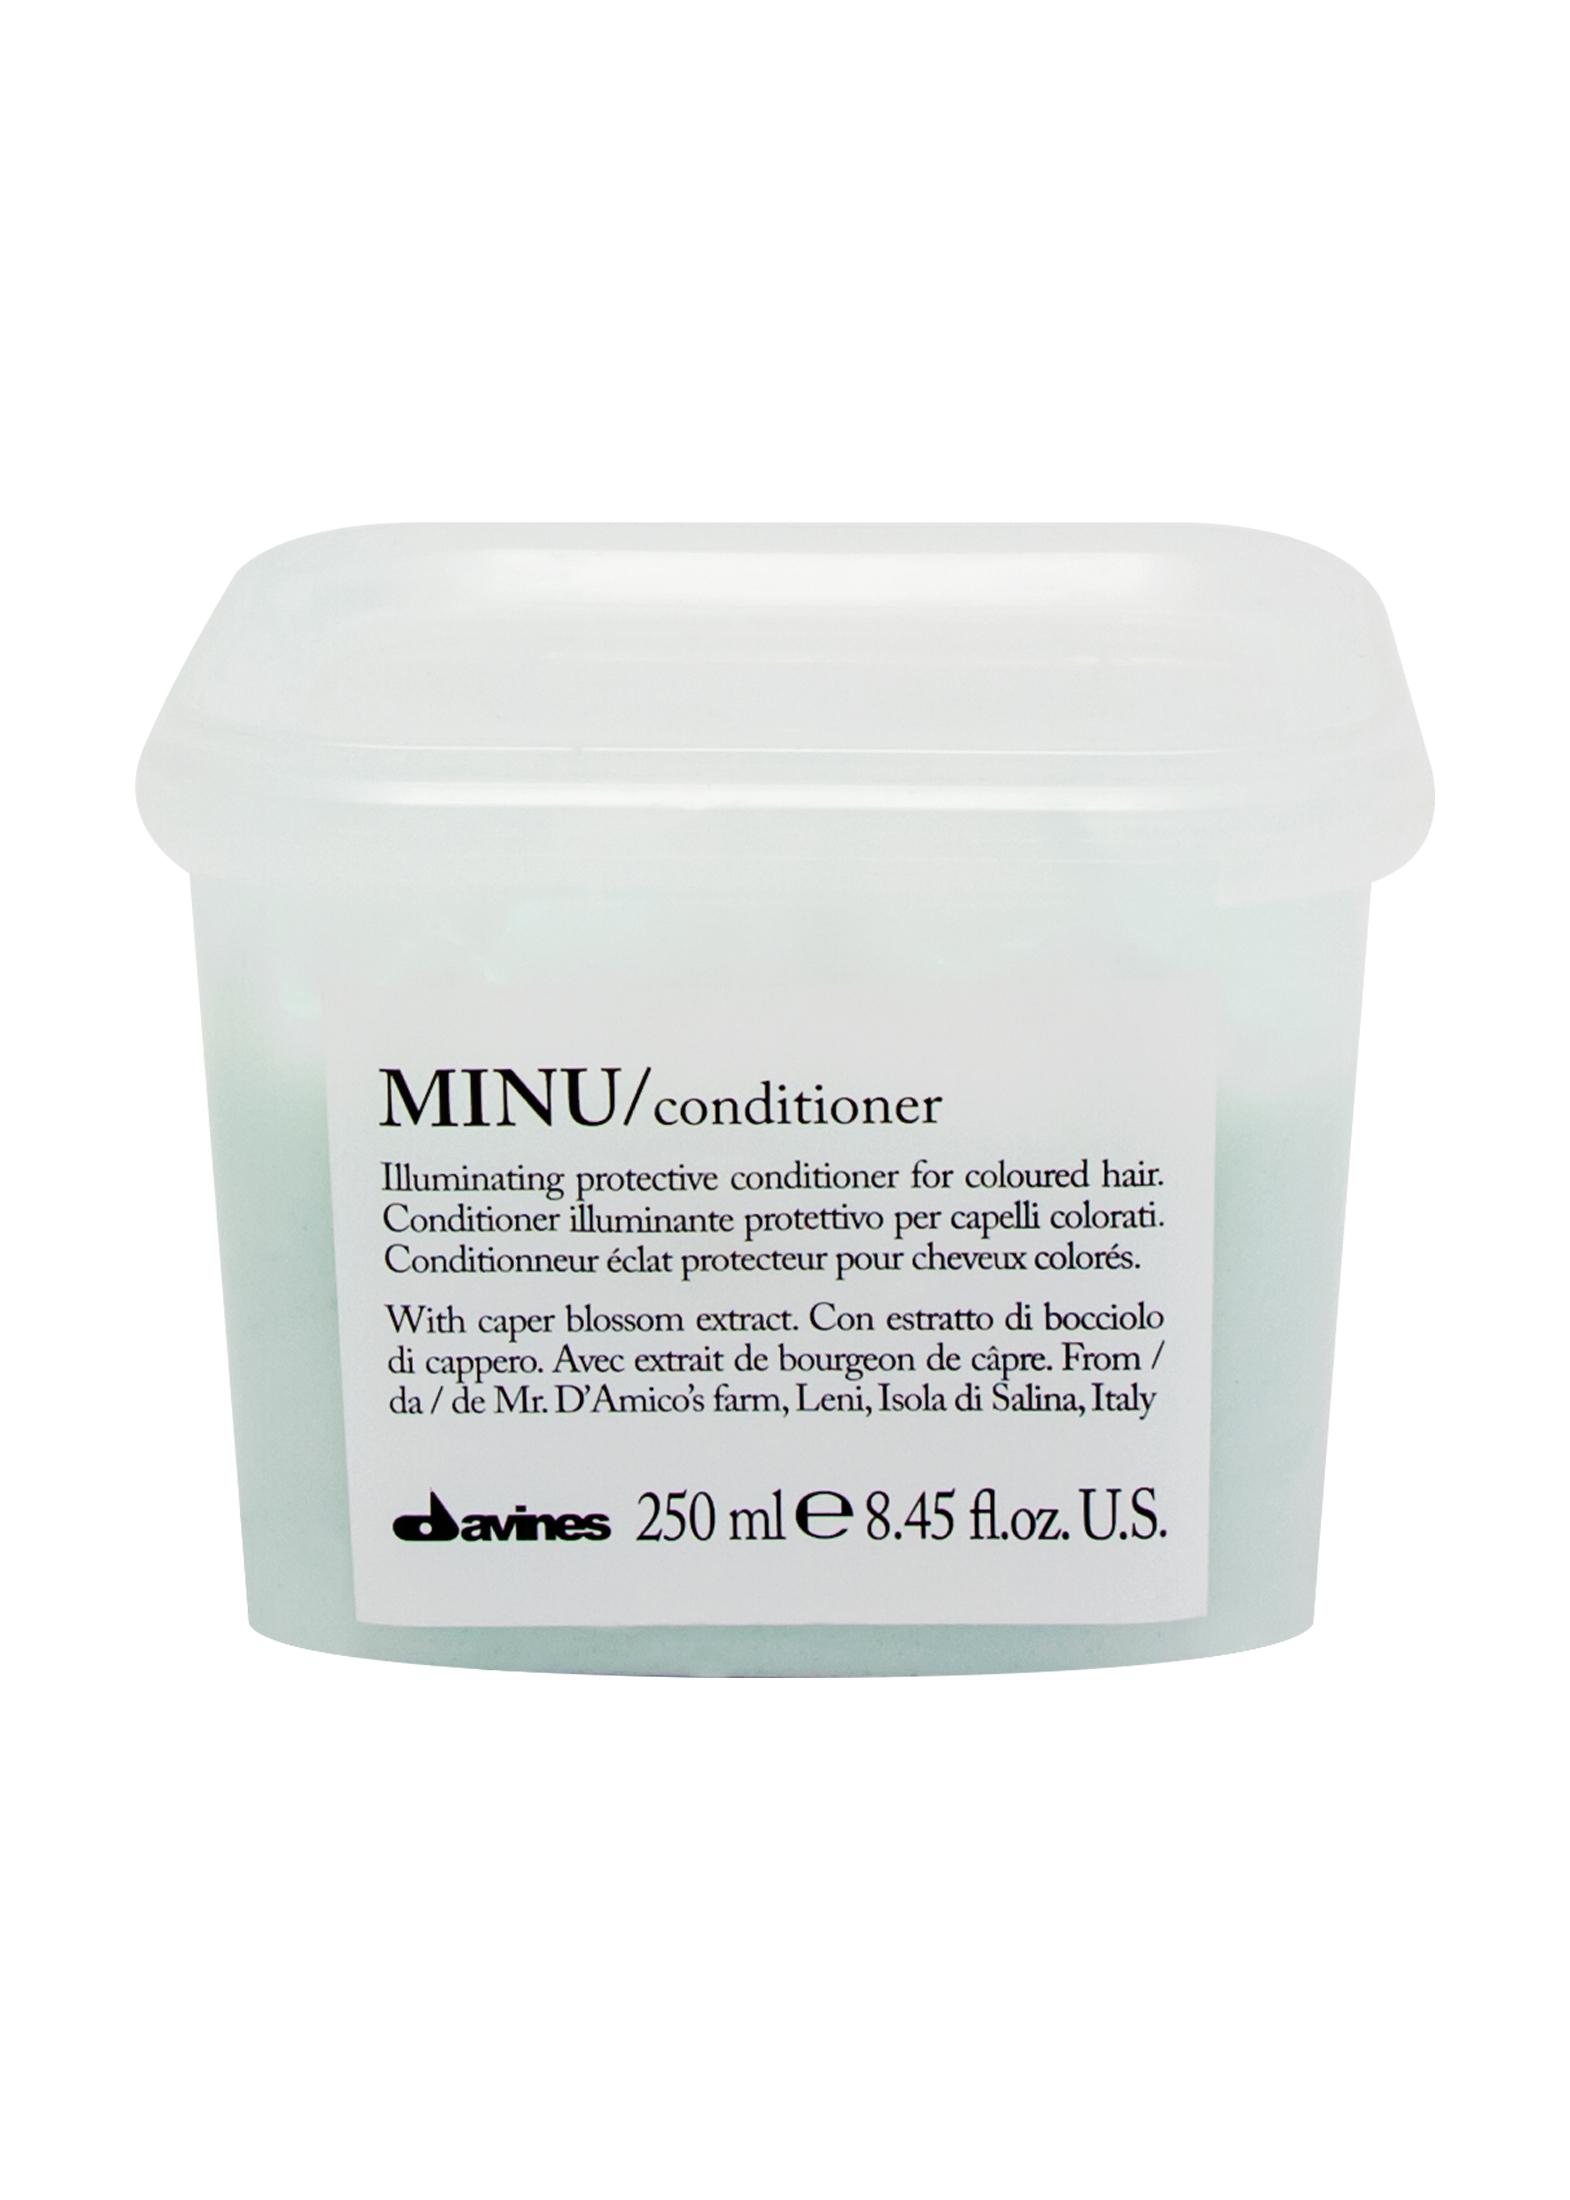 DEHC MINU Conditioner 250ml image number 0